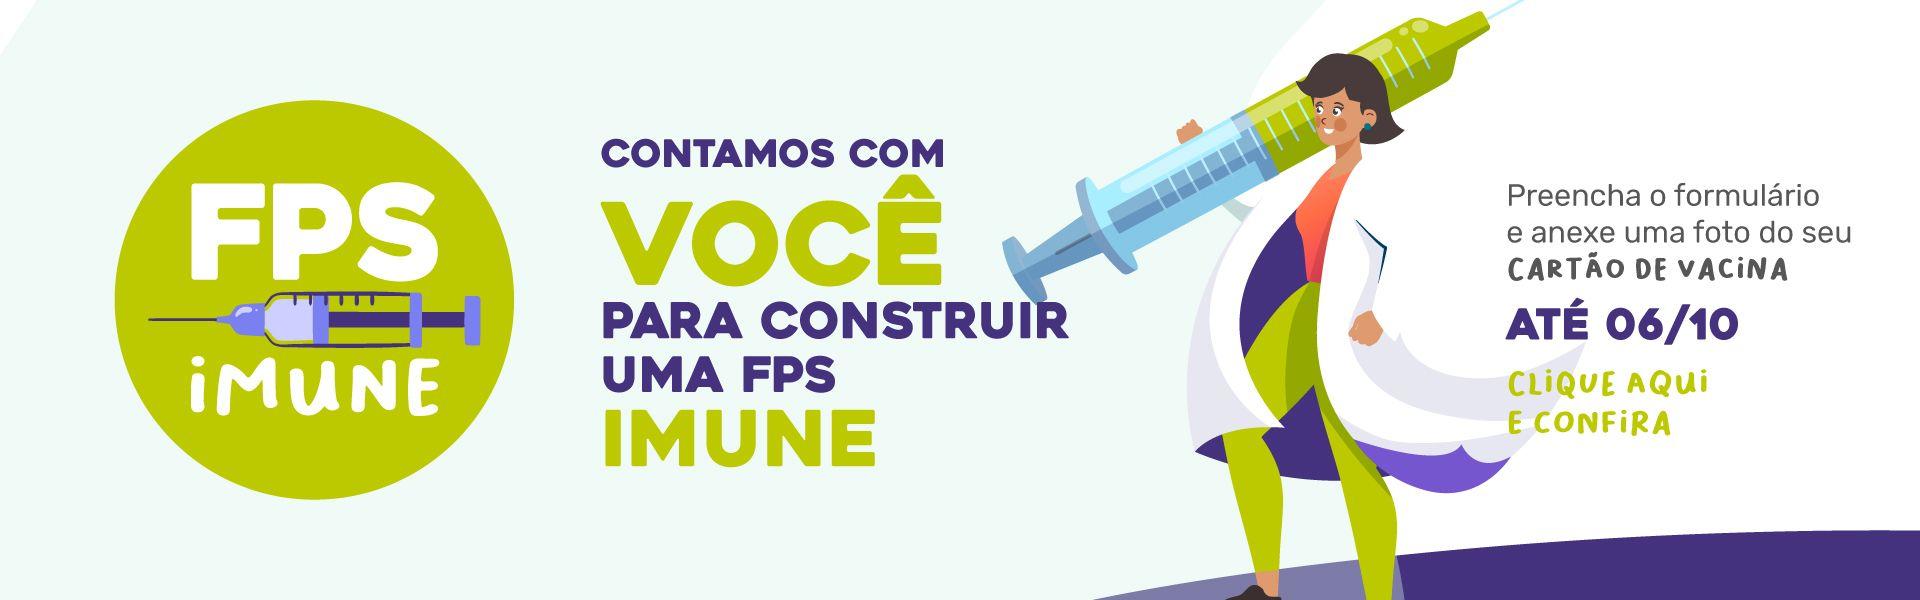 fps imune